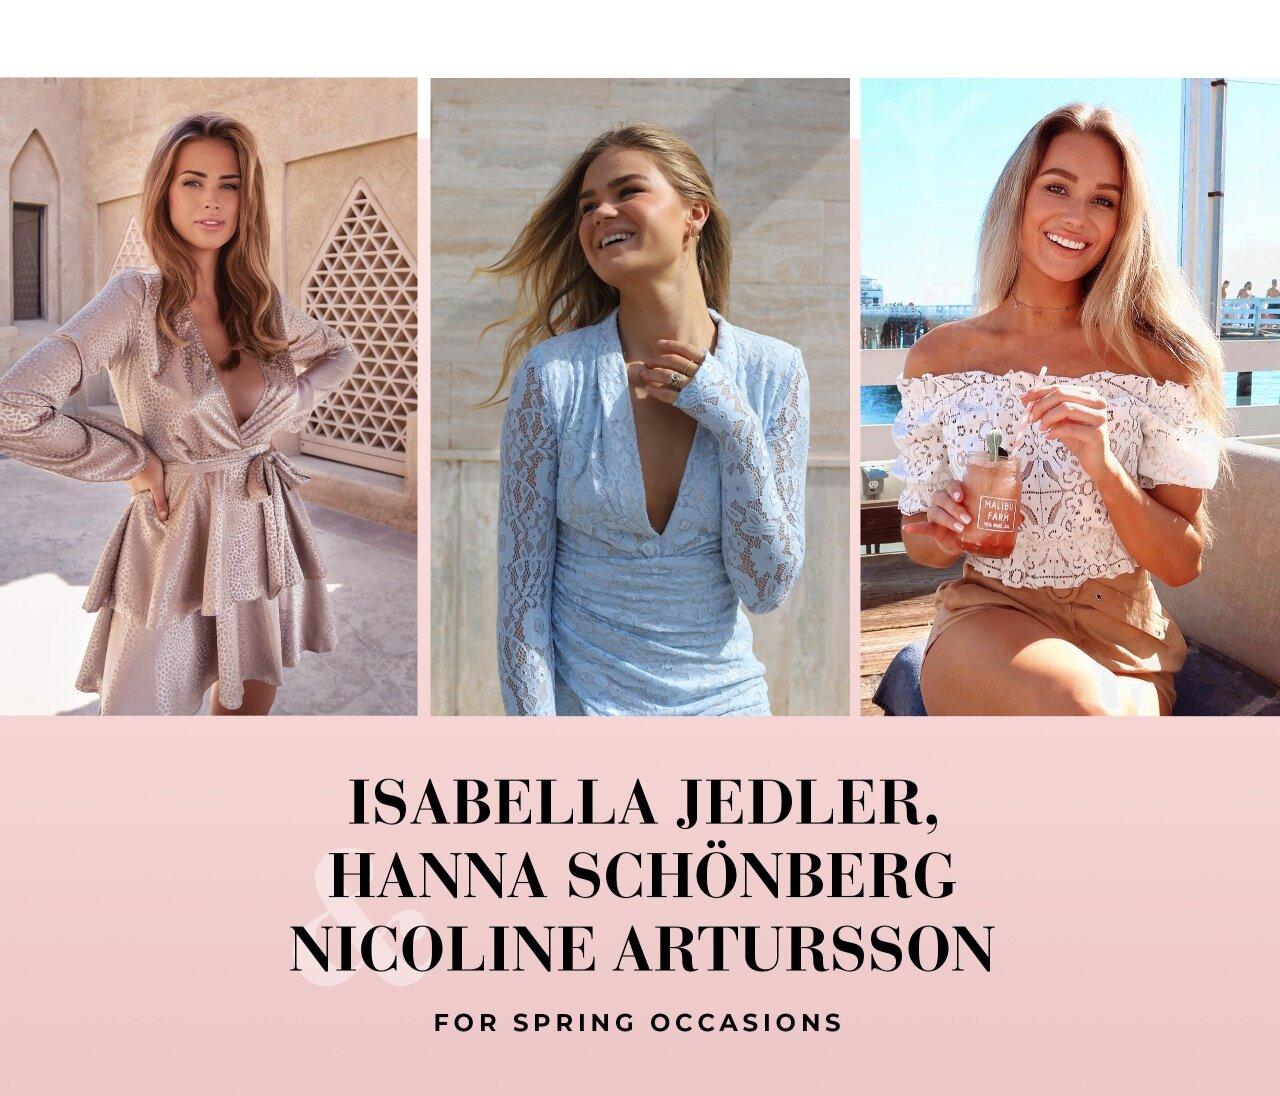 Isabella Jedler, Hanna Schönberg & Nicolen Artursson or spring occasions